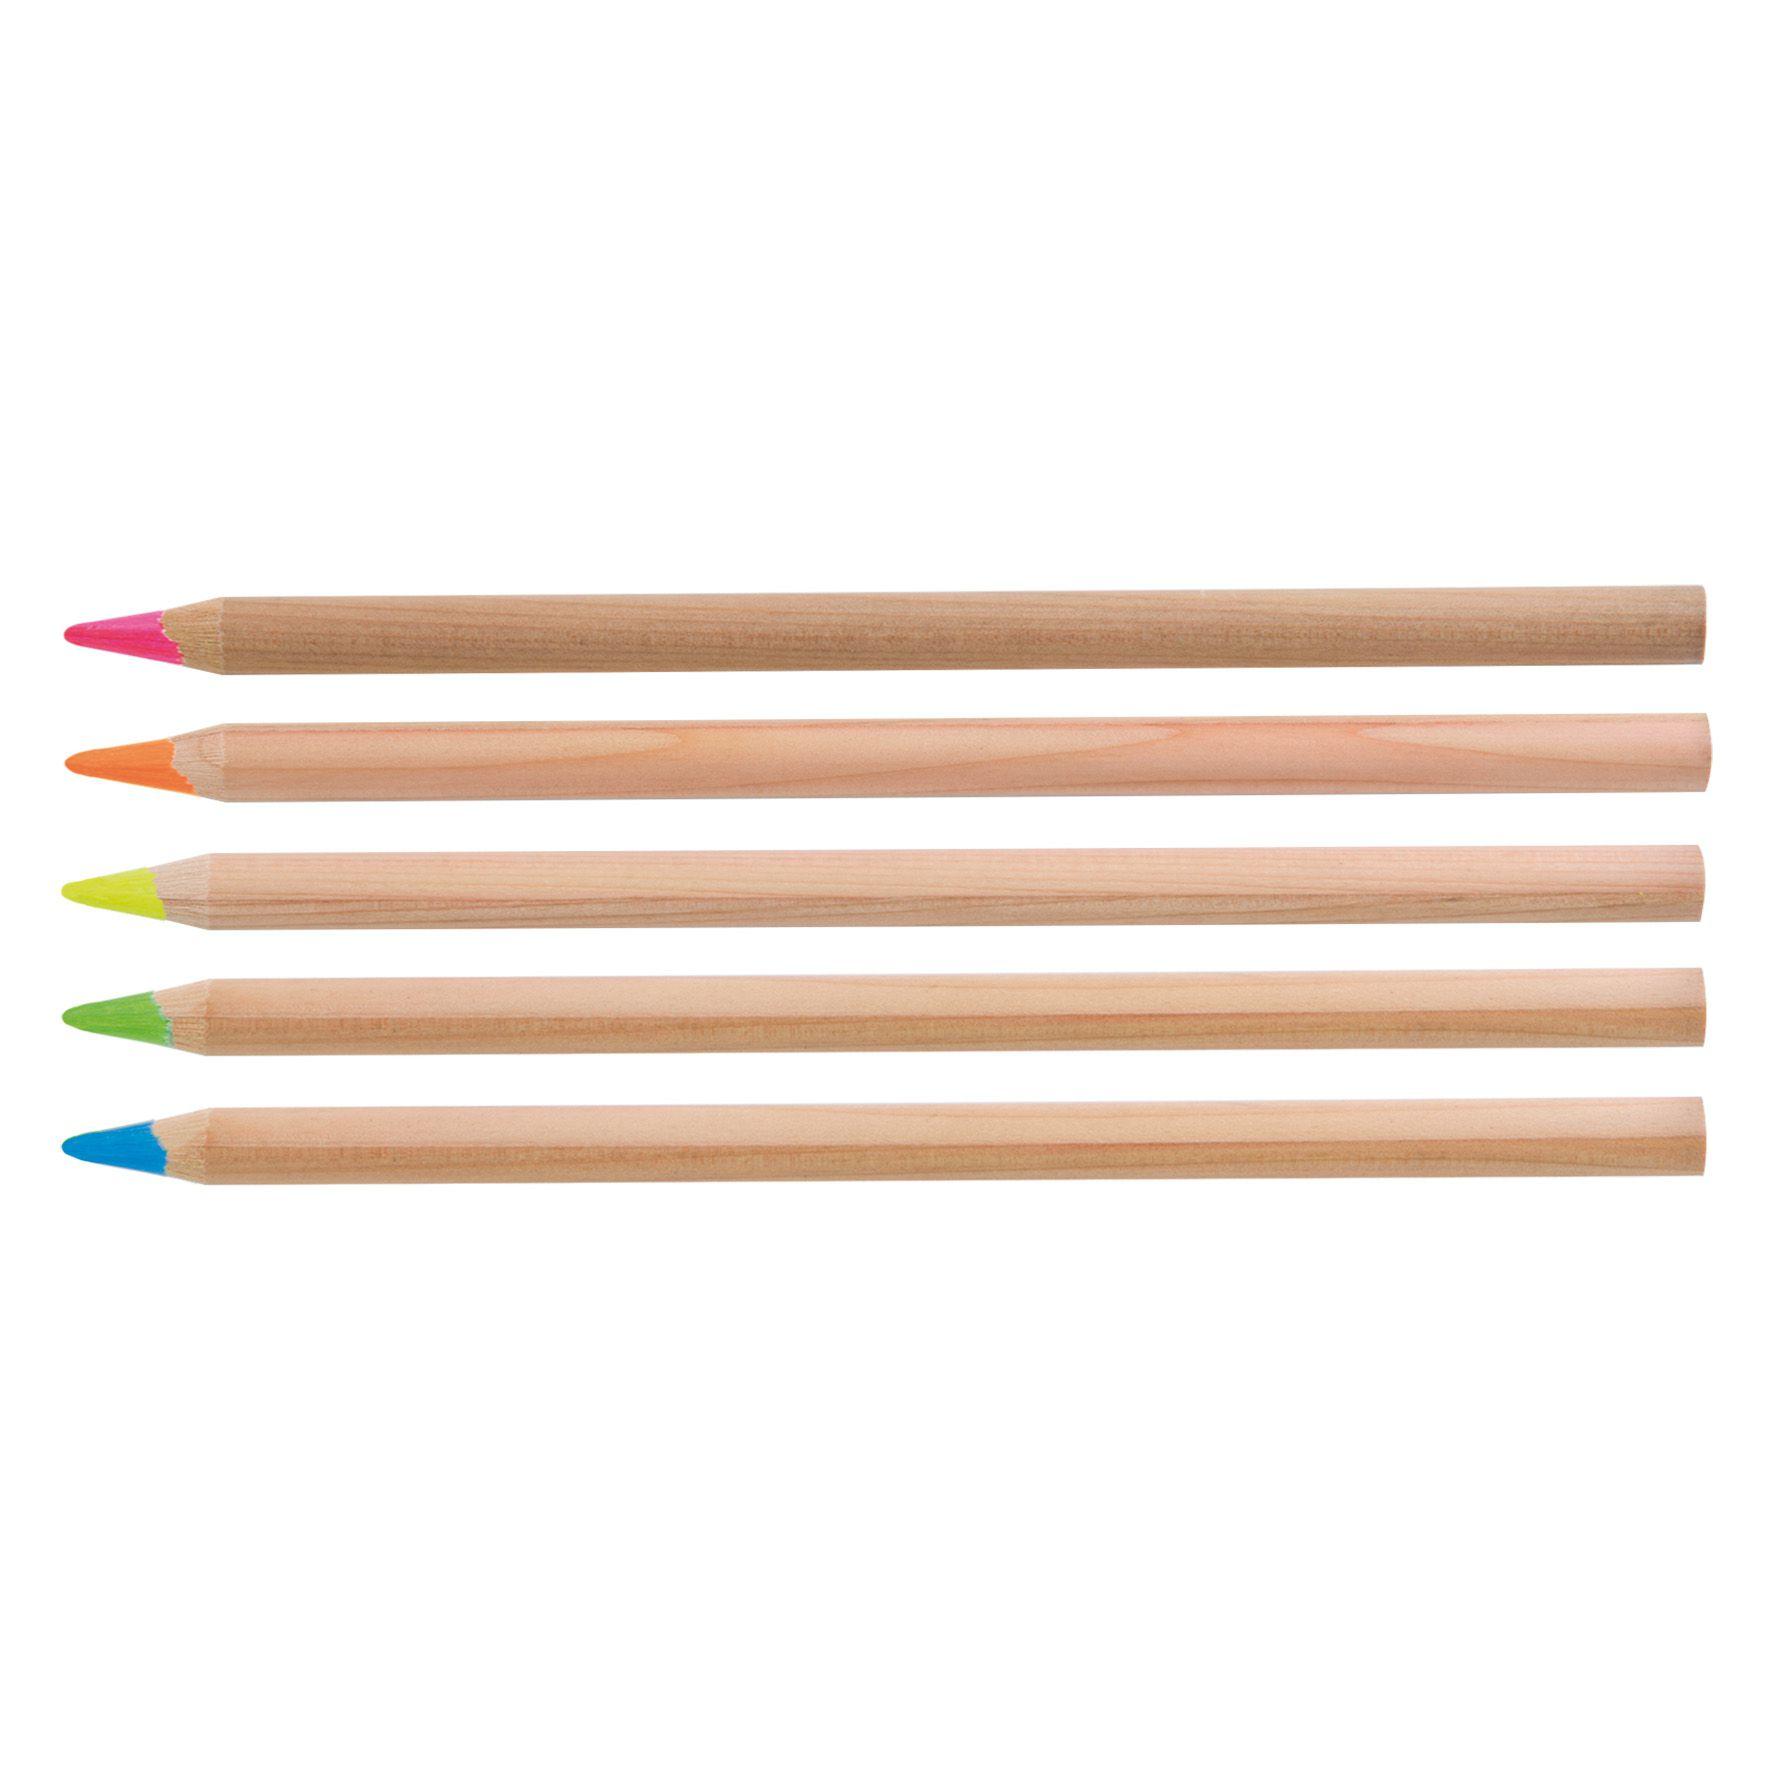 Surligneur en bois publicitaire naturel - crayon fluo publicitaire 1 mine fluo L 17,6 cm